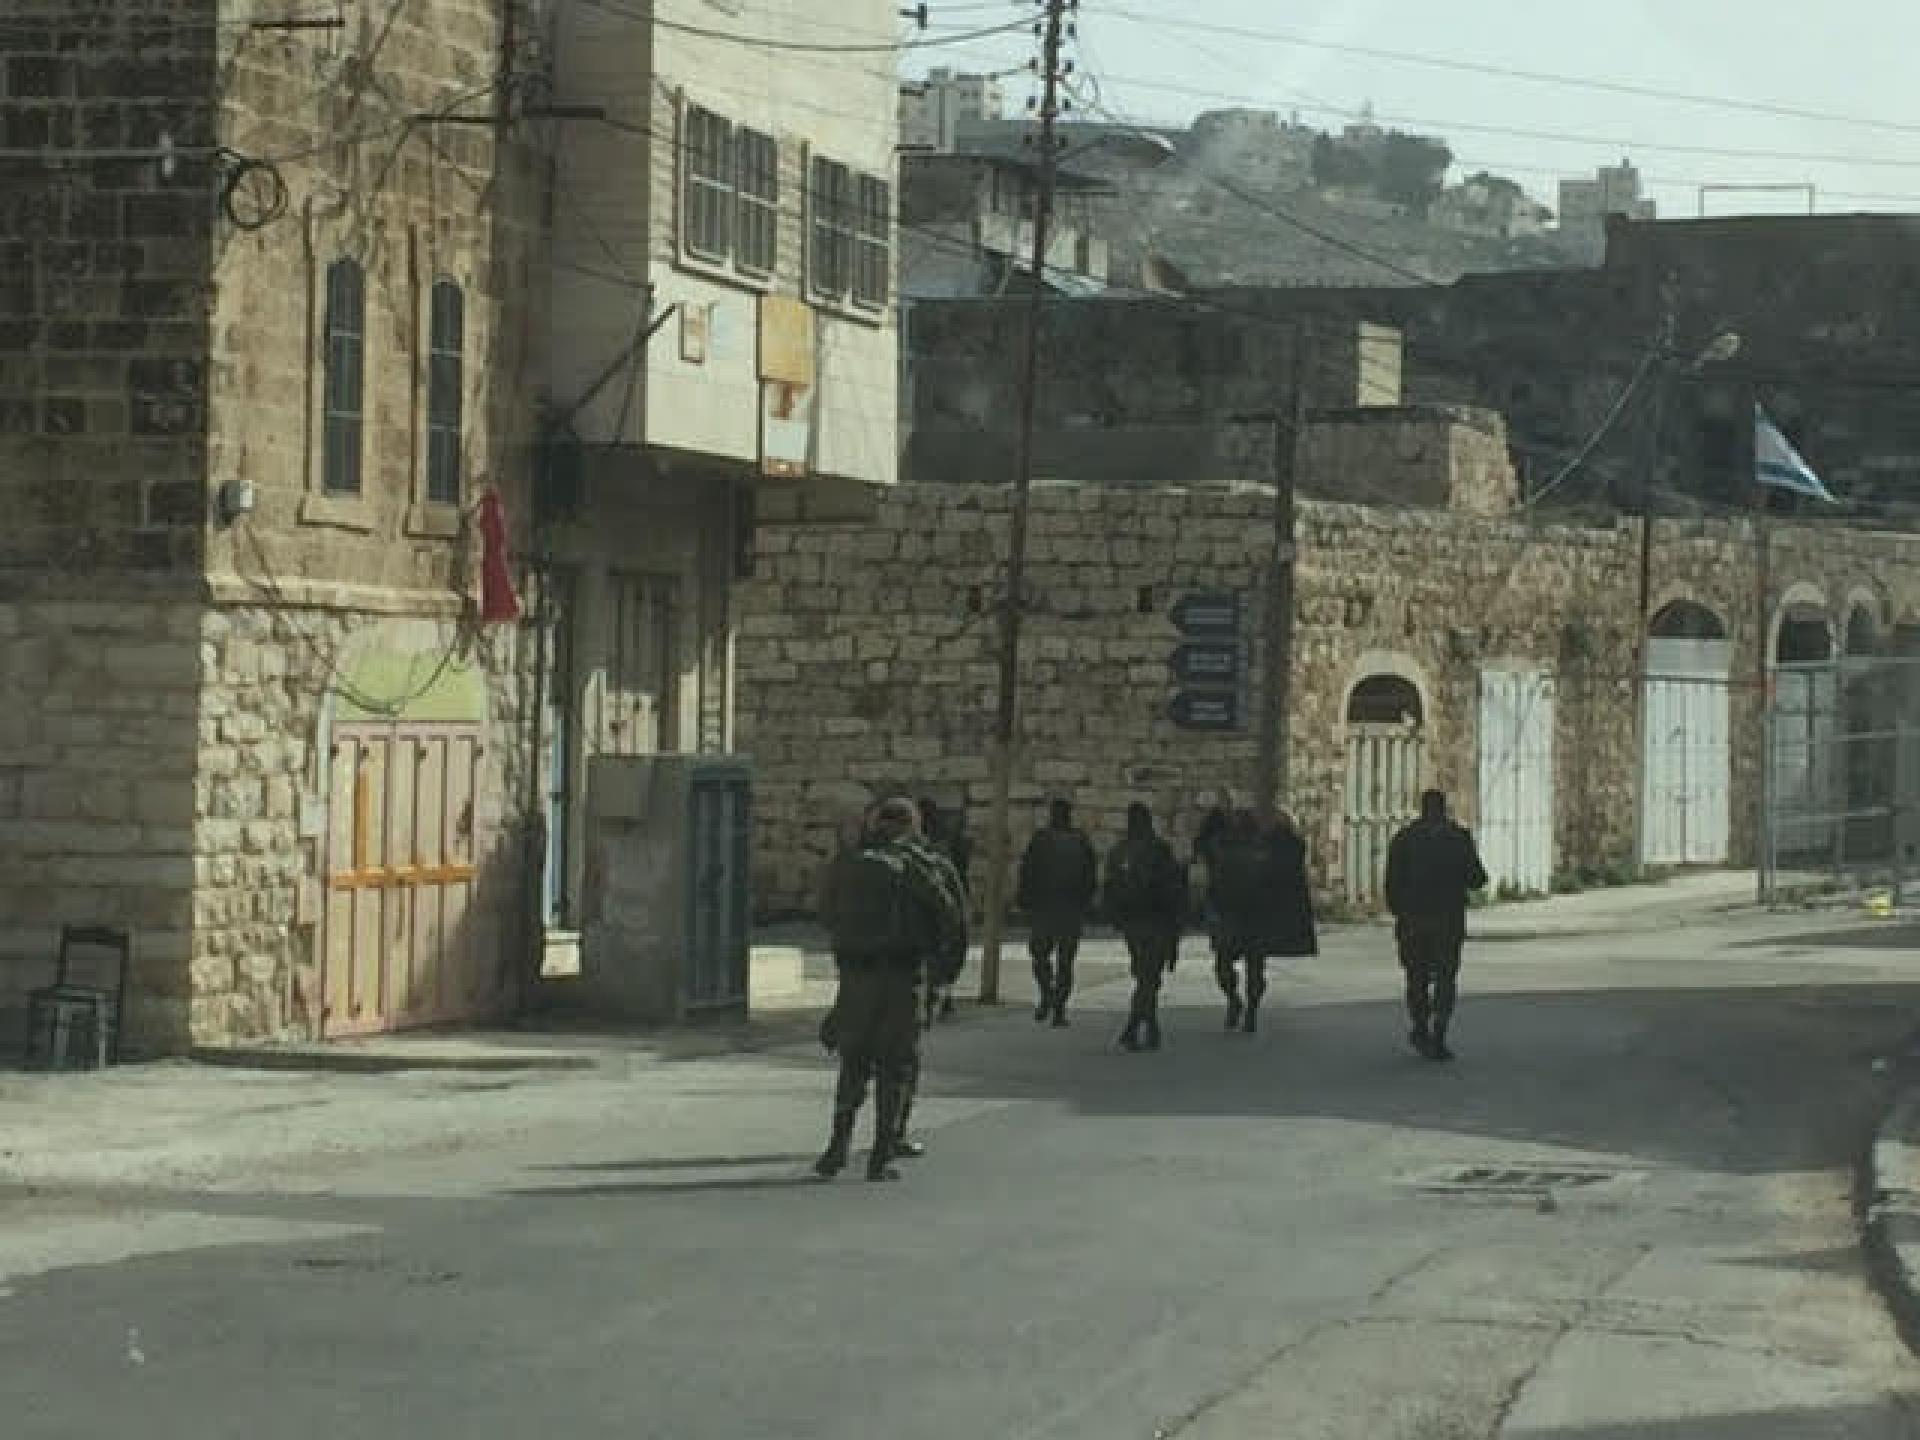 החיילים מסתובבים ברחובות השוממים והנטושים